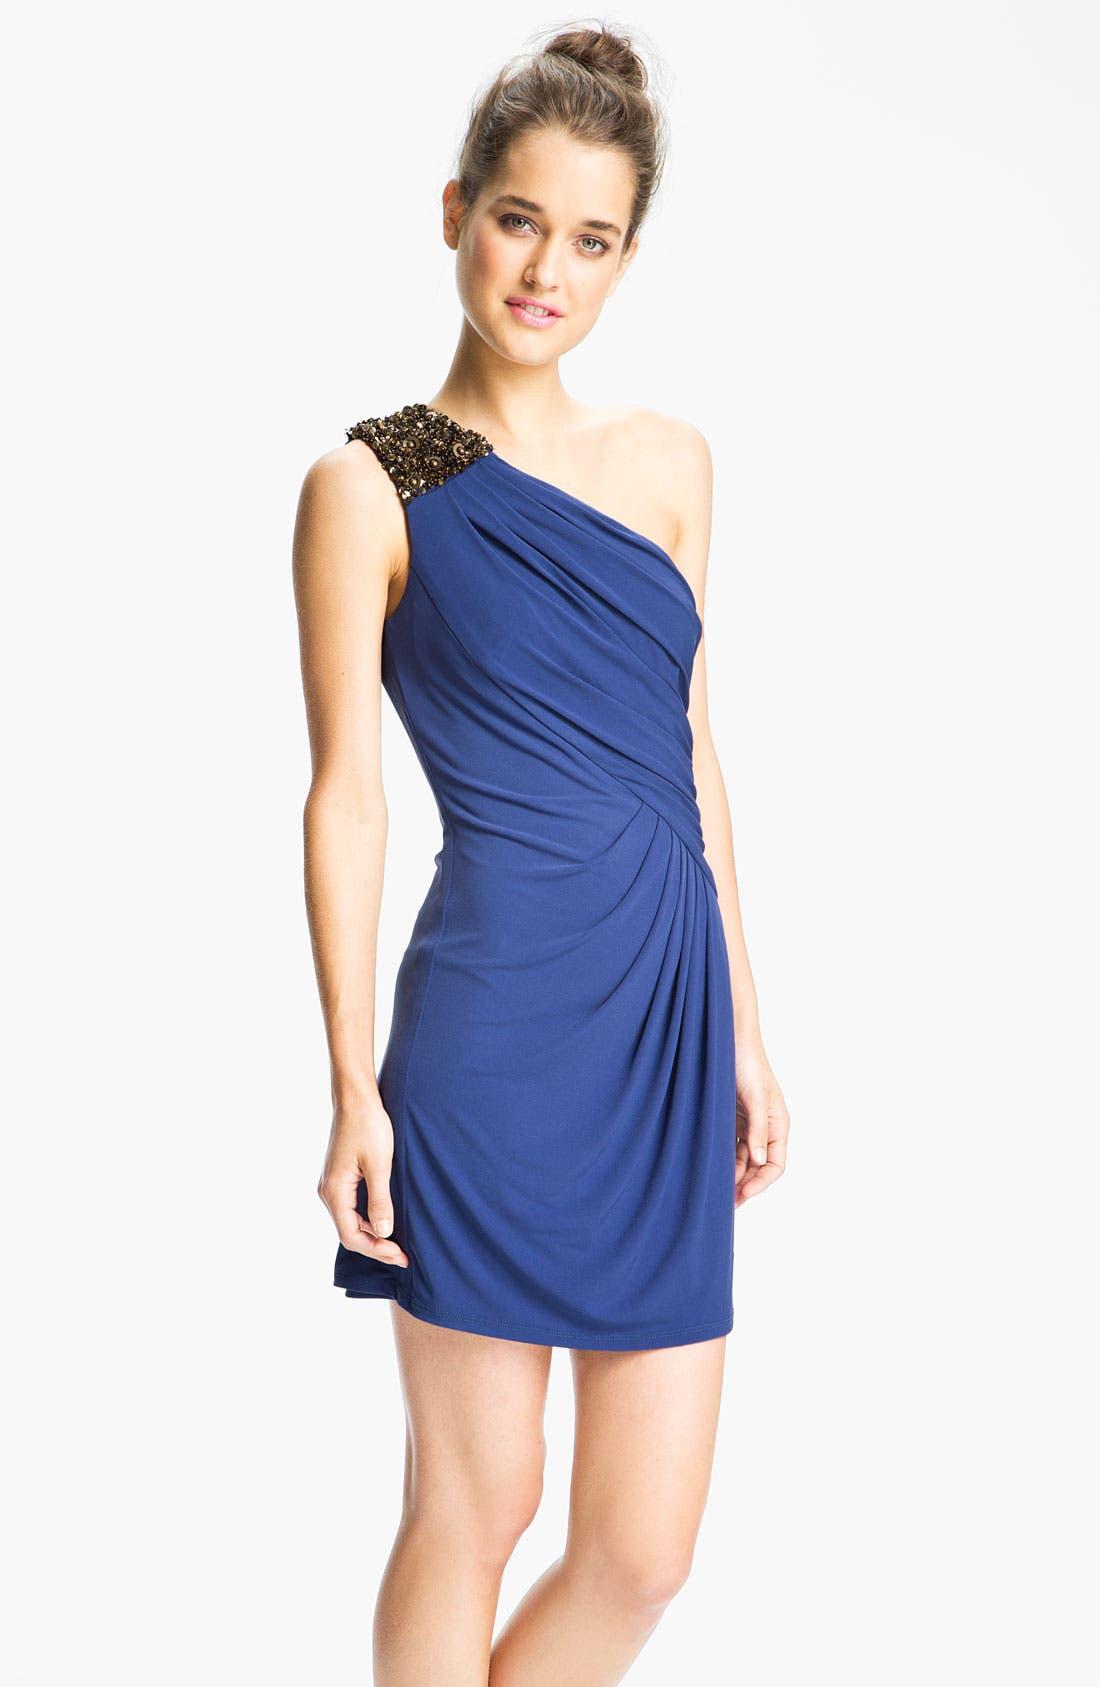 Main Image - Max & Cleo 'Helen' Embellished One Shoulder Dress